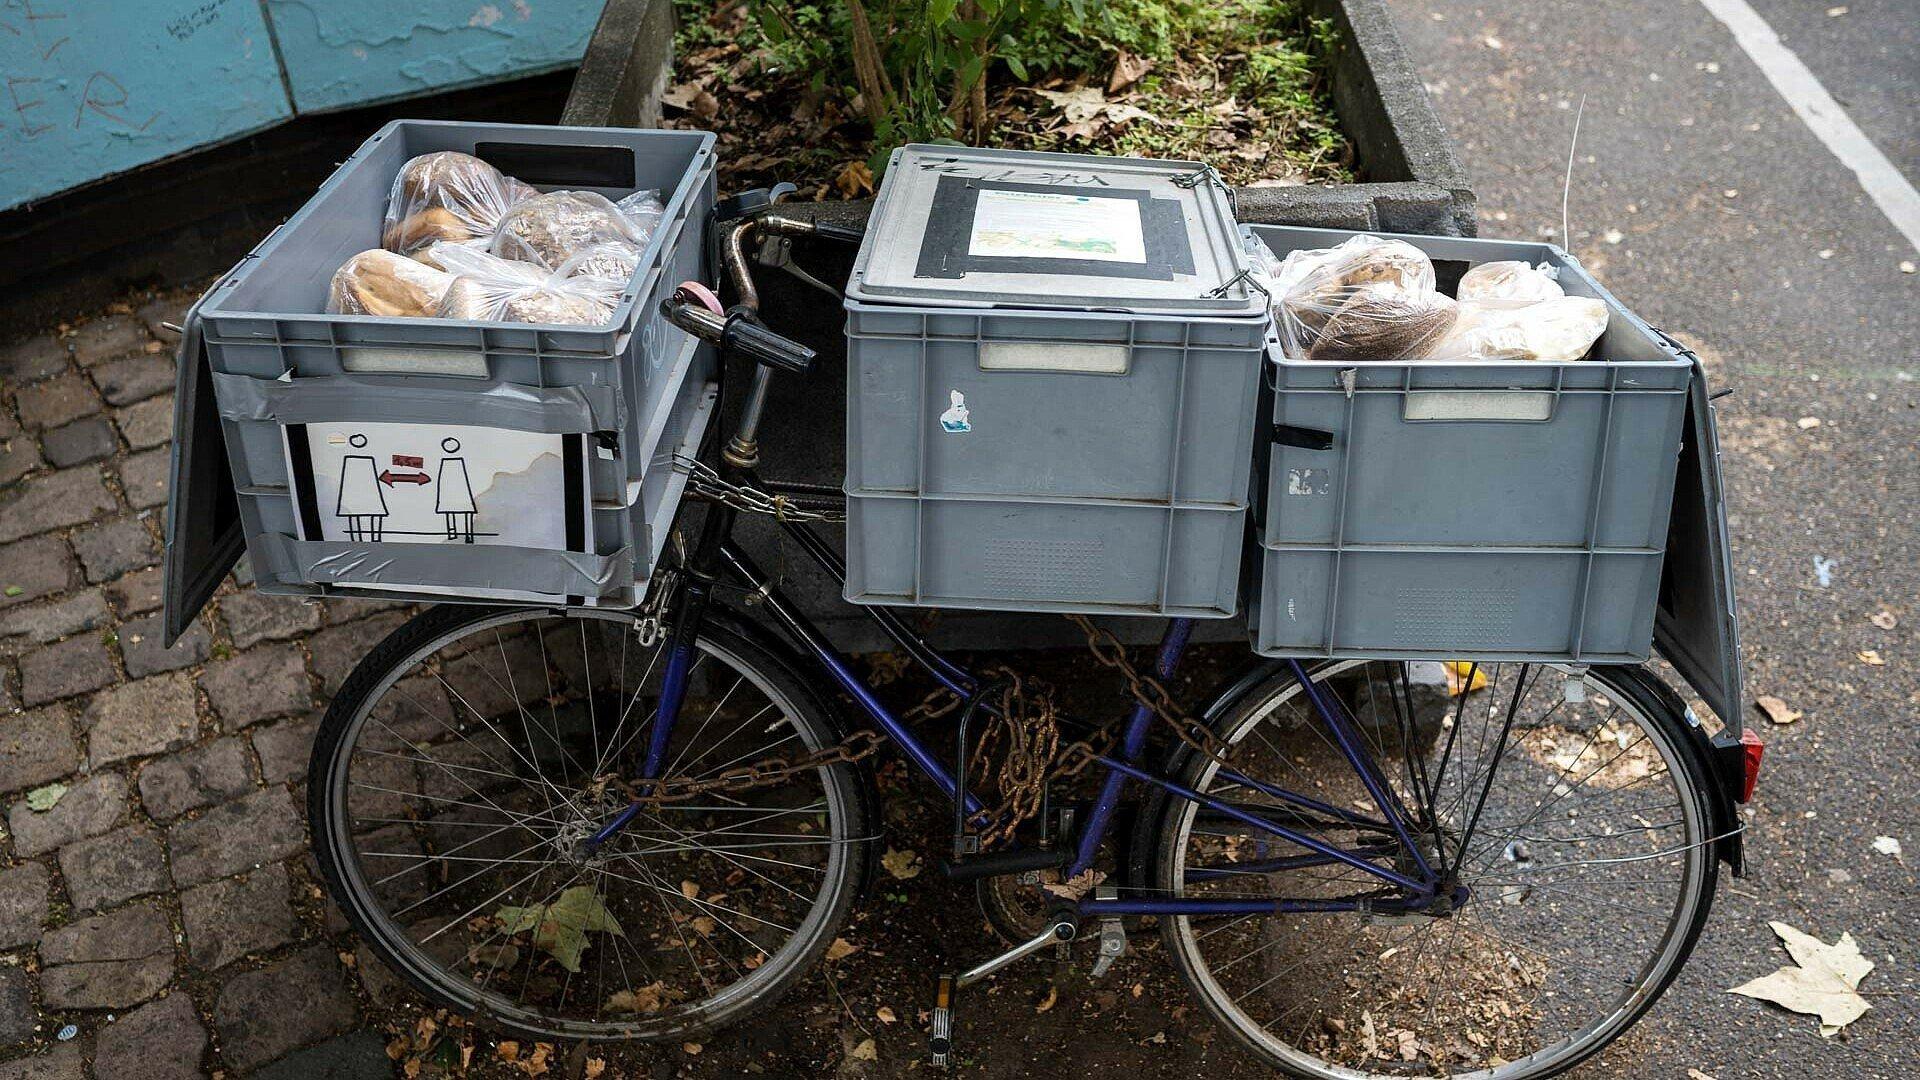 Brot und Backwaren warten auf hungrige Foodsharer